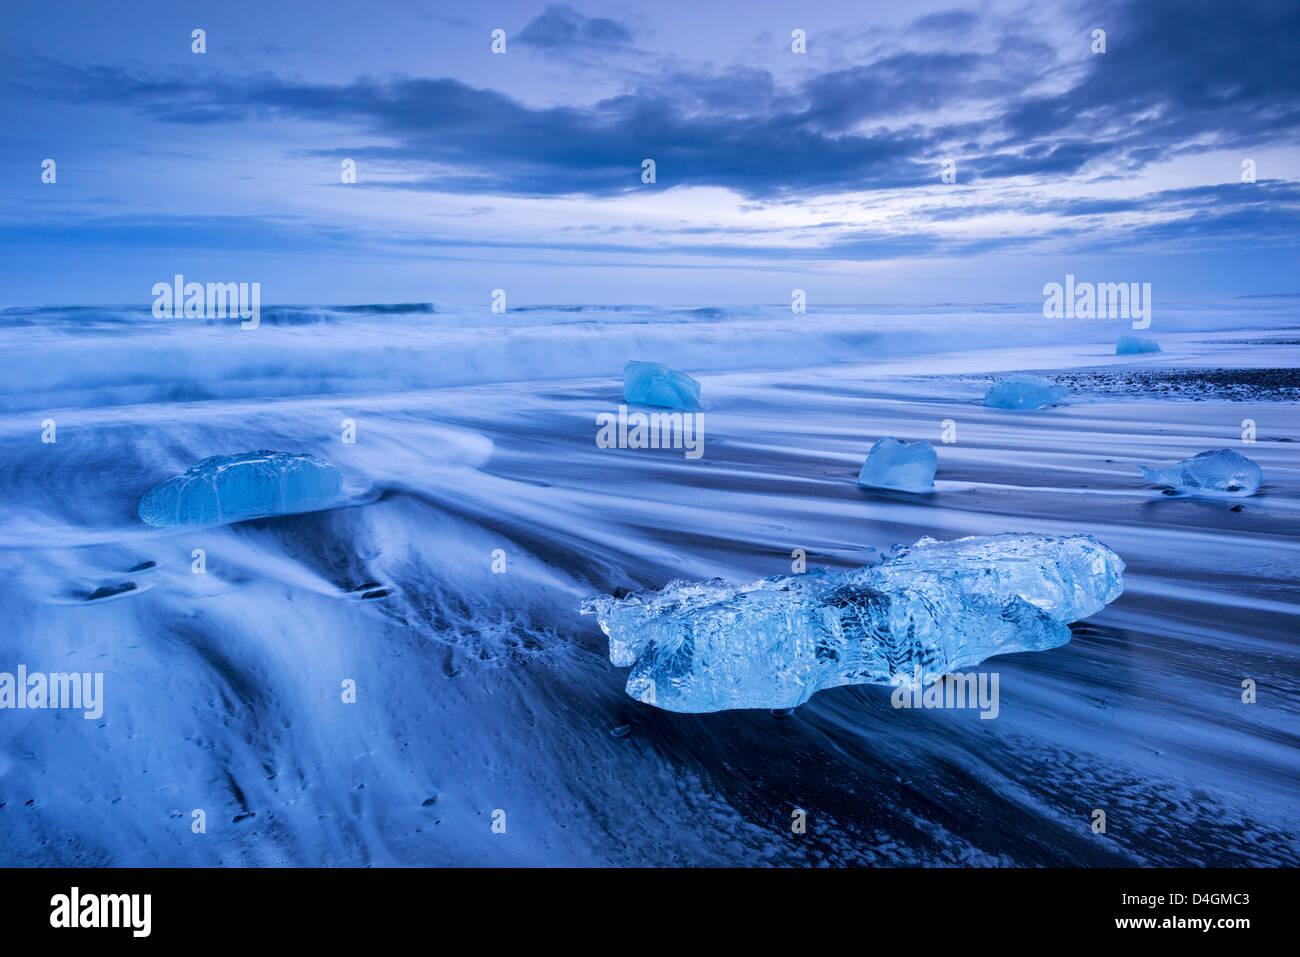 Hielo y olas en Jokulsarlon Beach, al sur de Islandia. Invierno (enero de 2013). Imagen De Stock